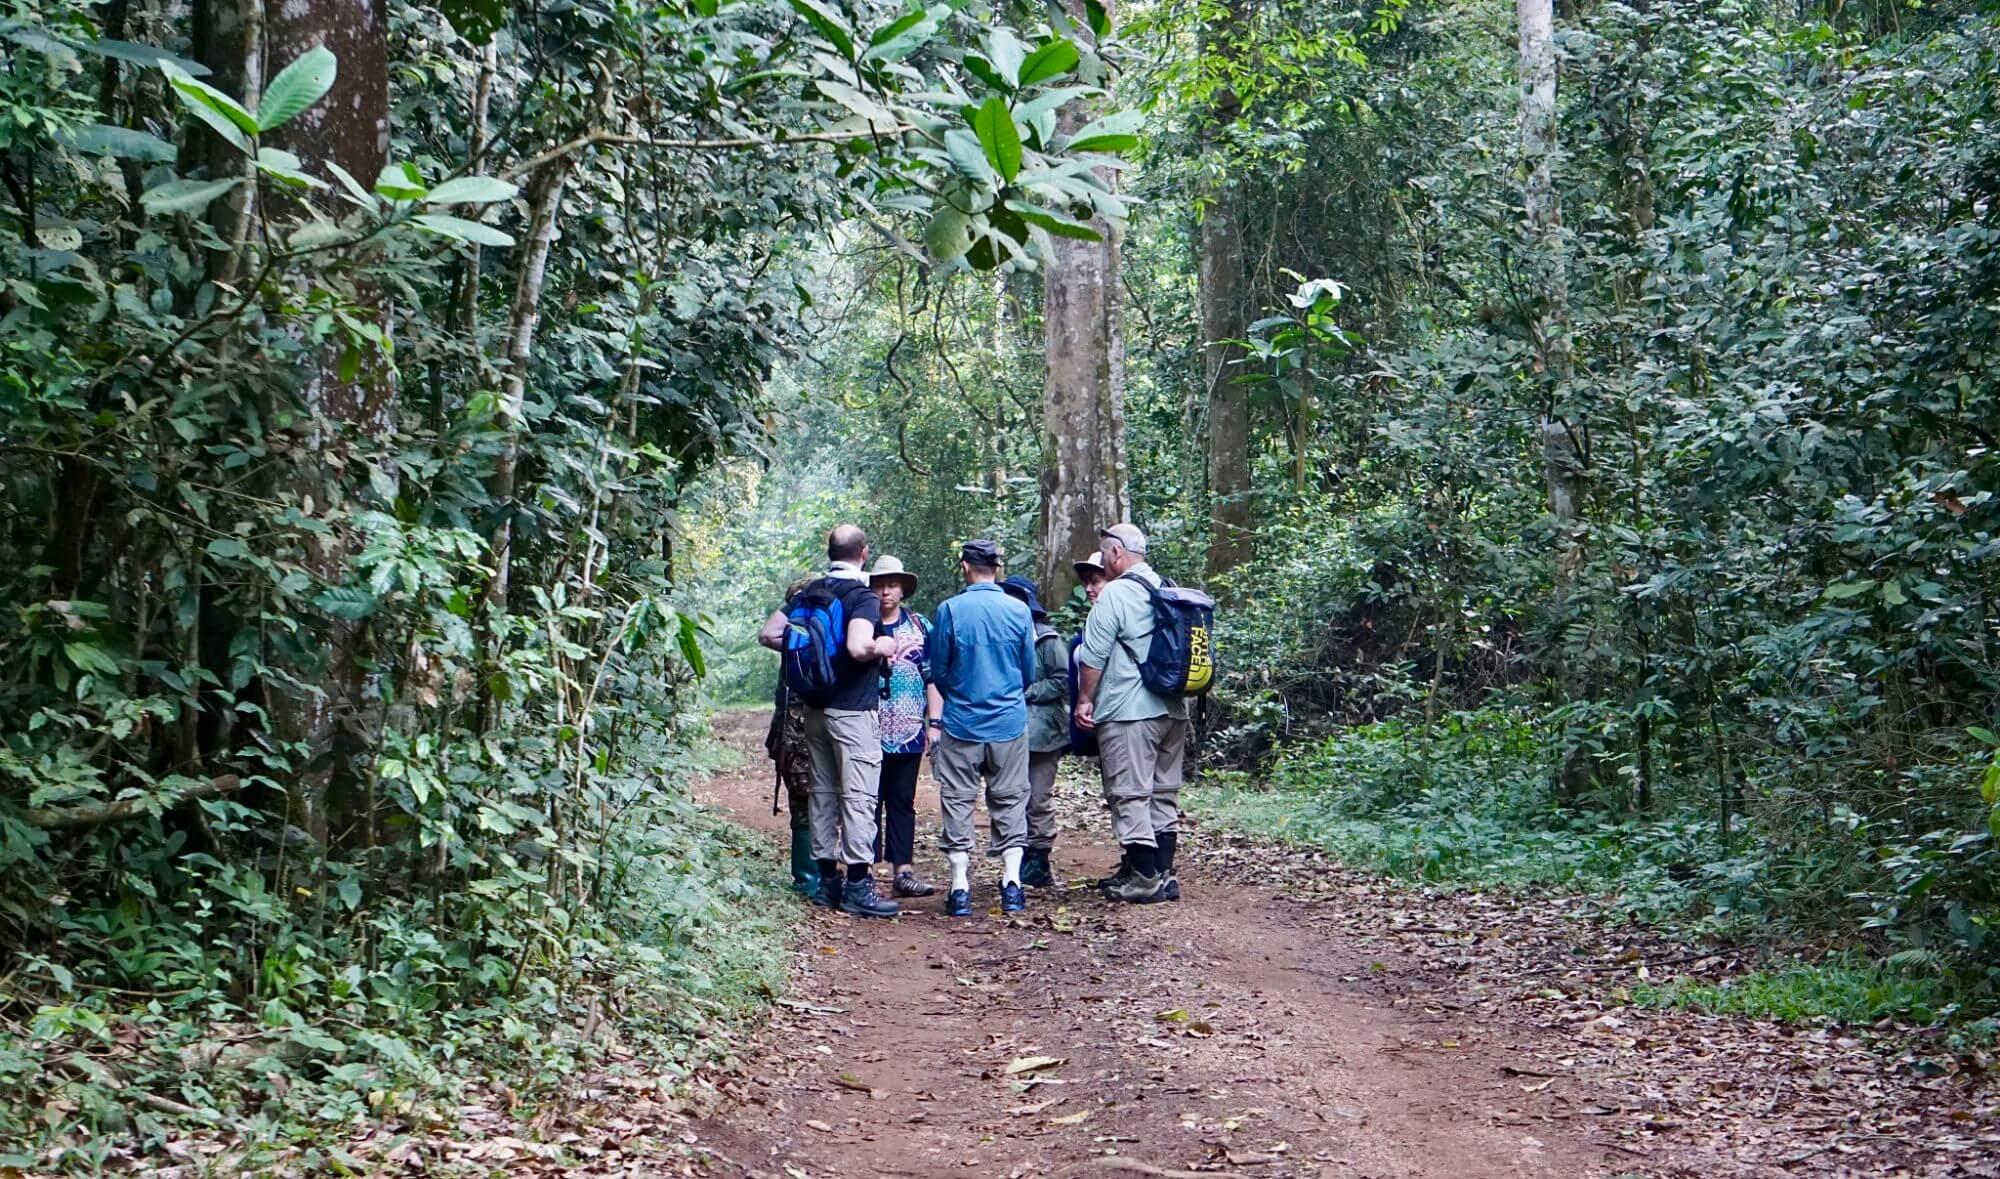 Start of the chimpanzee trek in kibale national park uganda